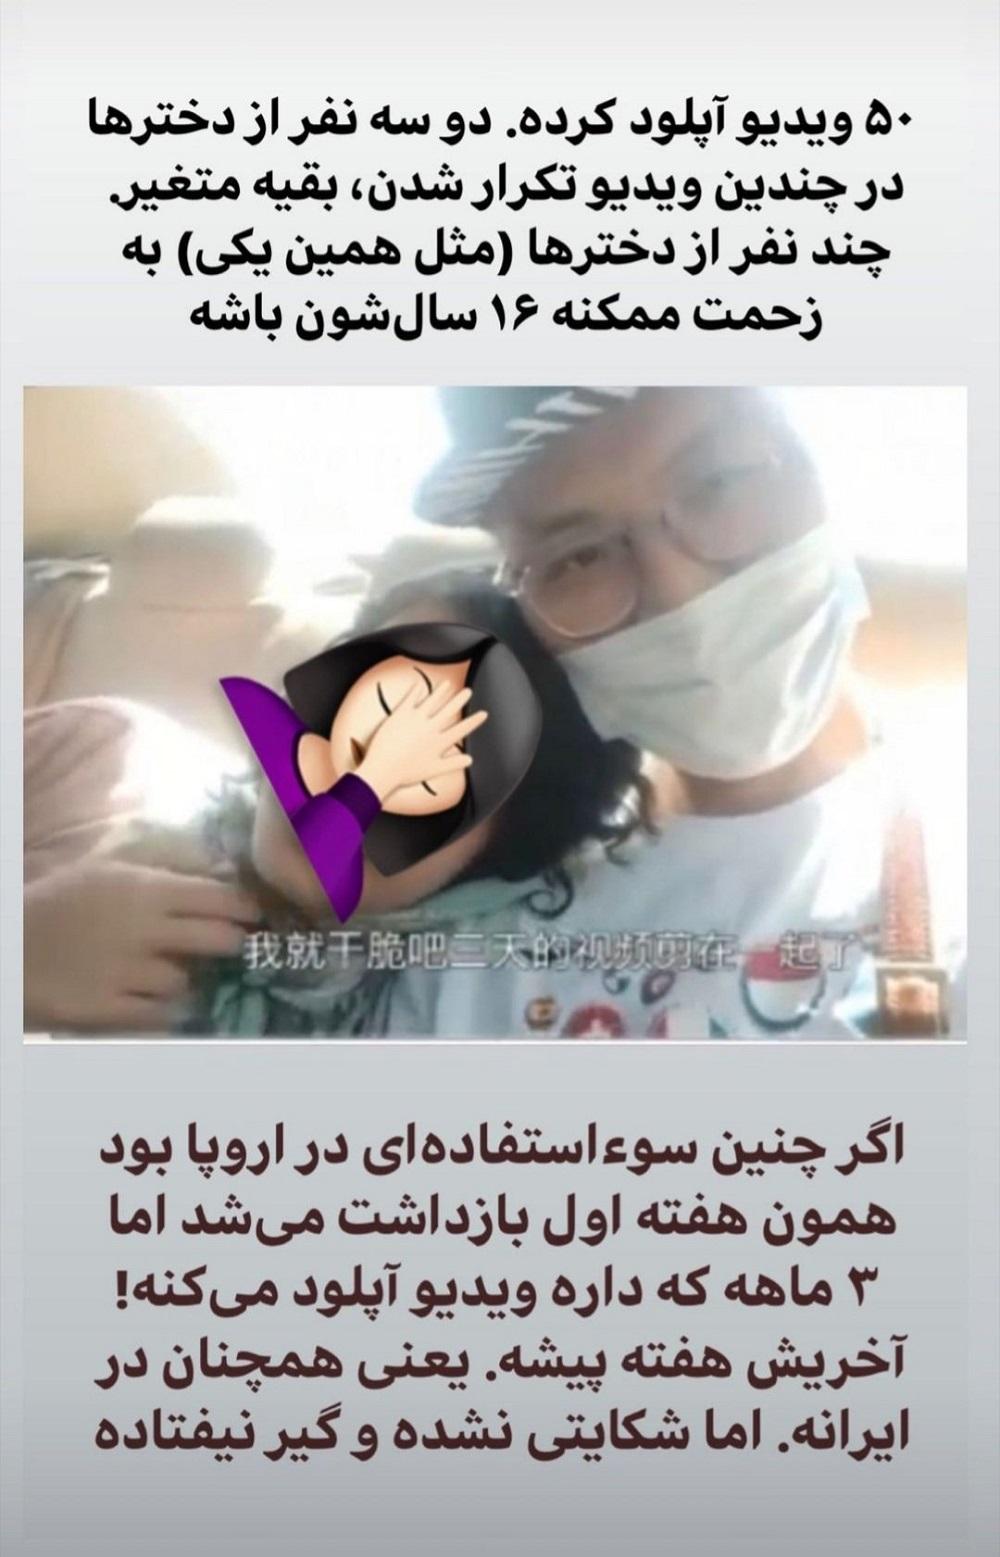 فیلم های شهروند چینی و دختران ایرانی در یوتیوب